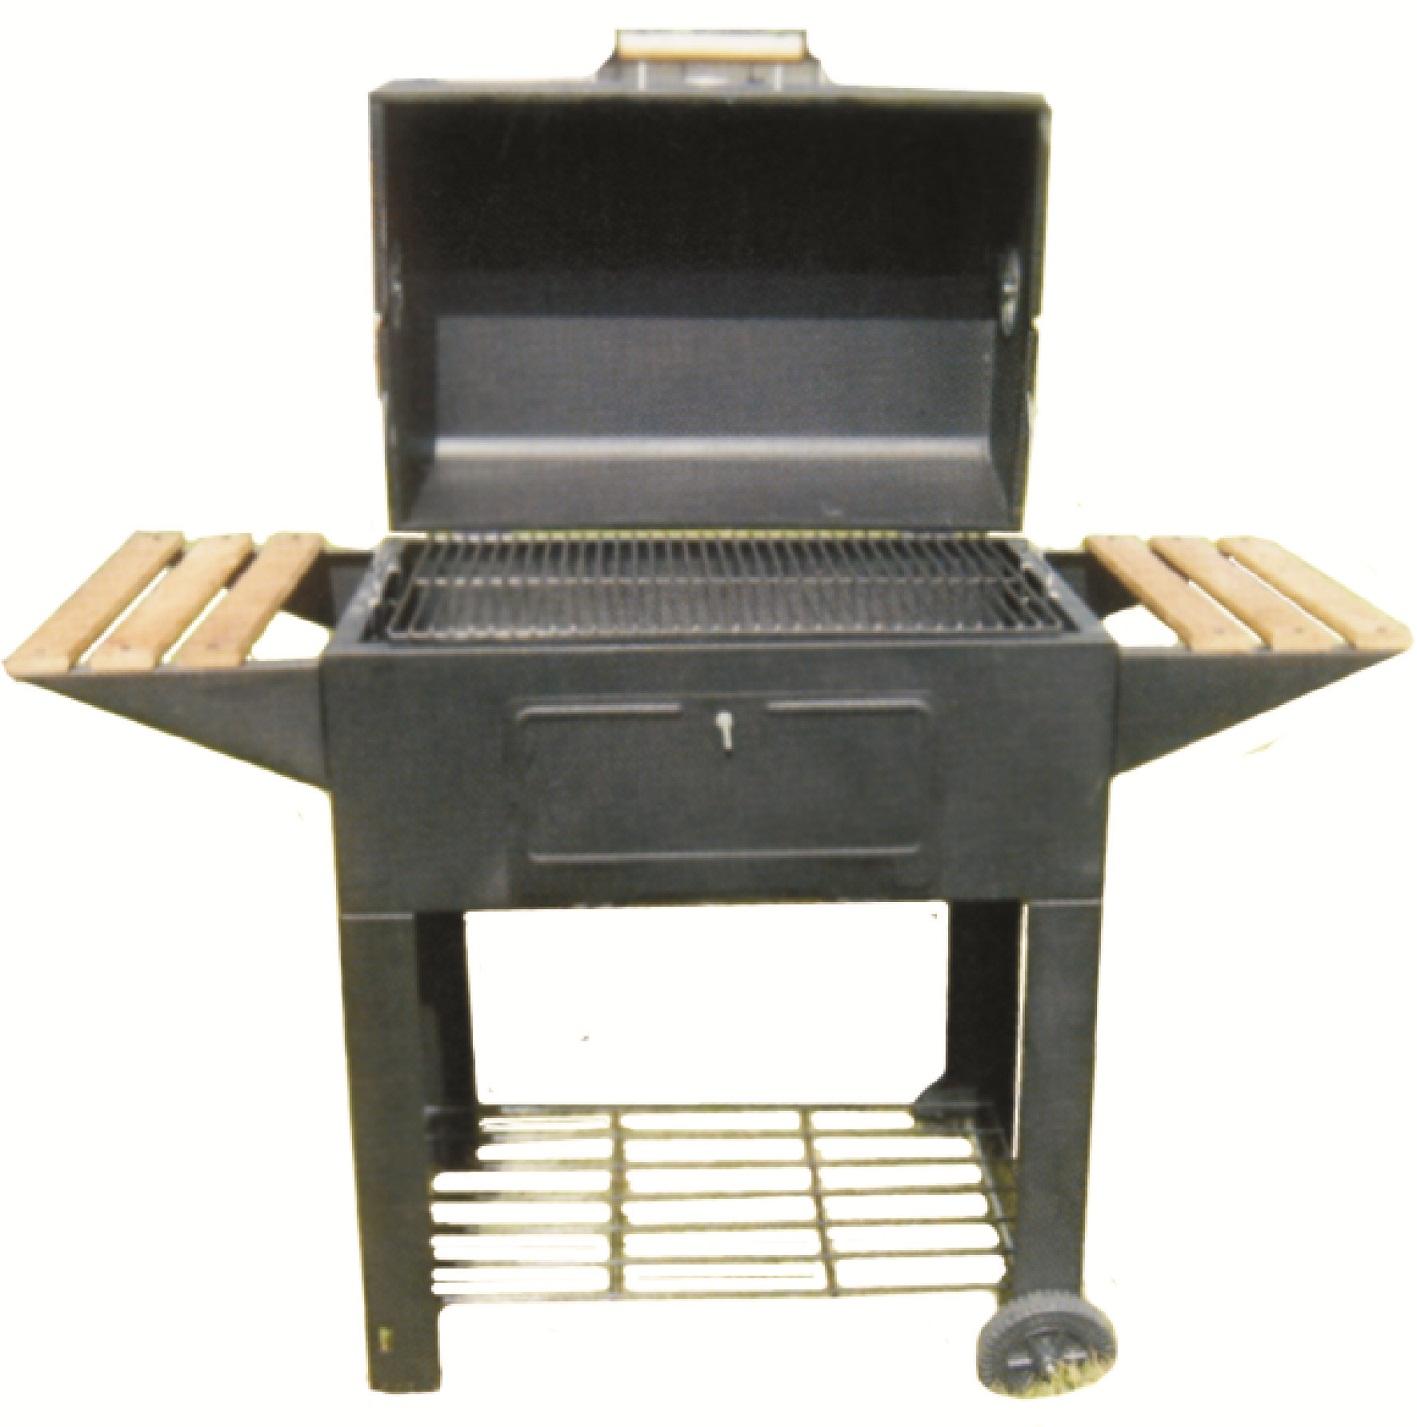 Гриль Green Glade YD-Garden GrillМангалы, барбекю, гриль<br><br><br>Тип: Гриль<br>Конструкция: напольная<br>Материал корпуса: комбинированный<br>Регулировка температуры: есть